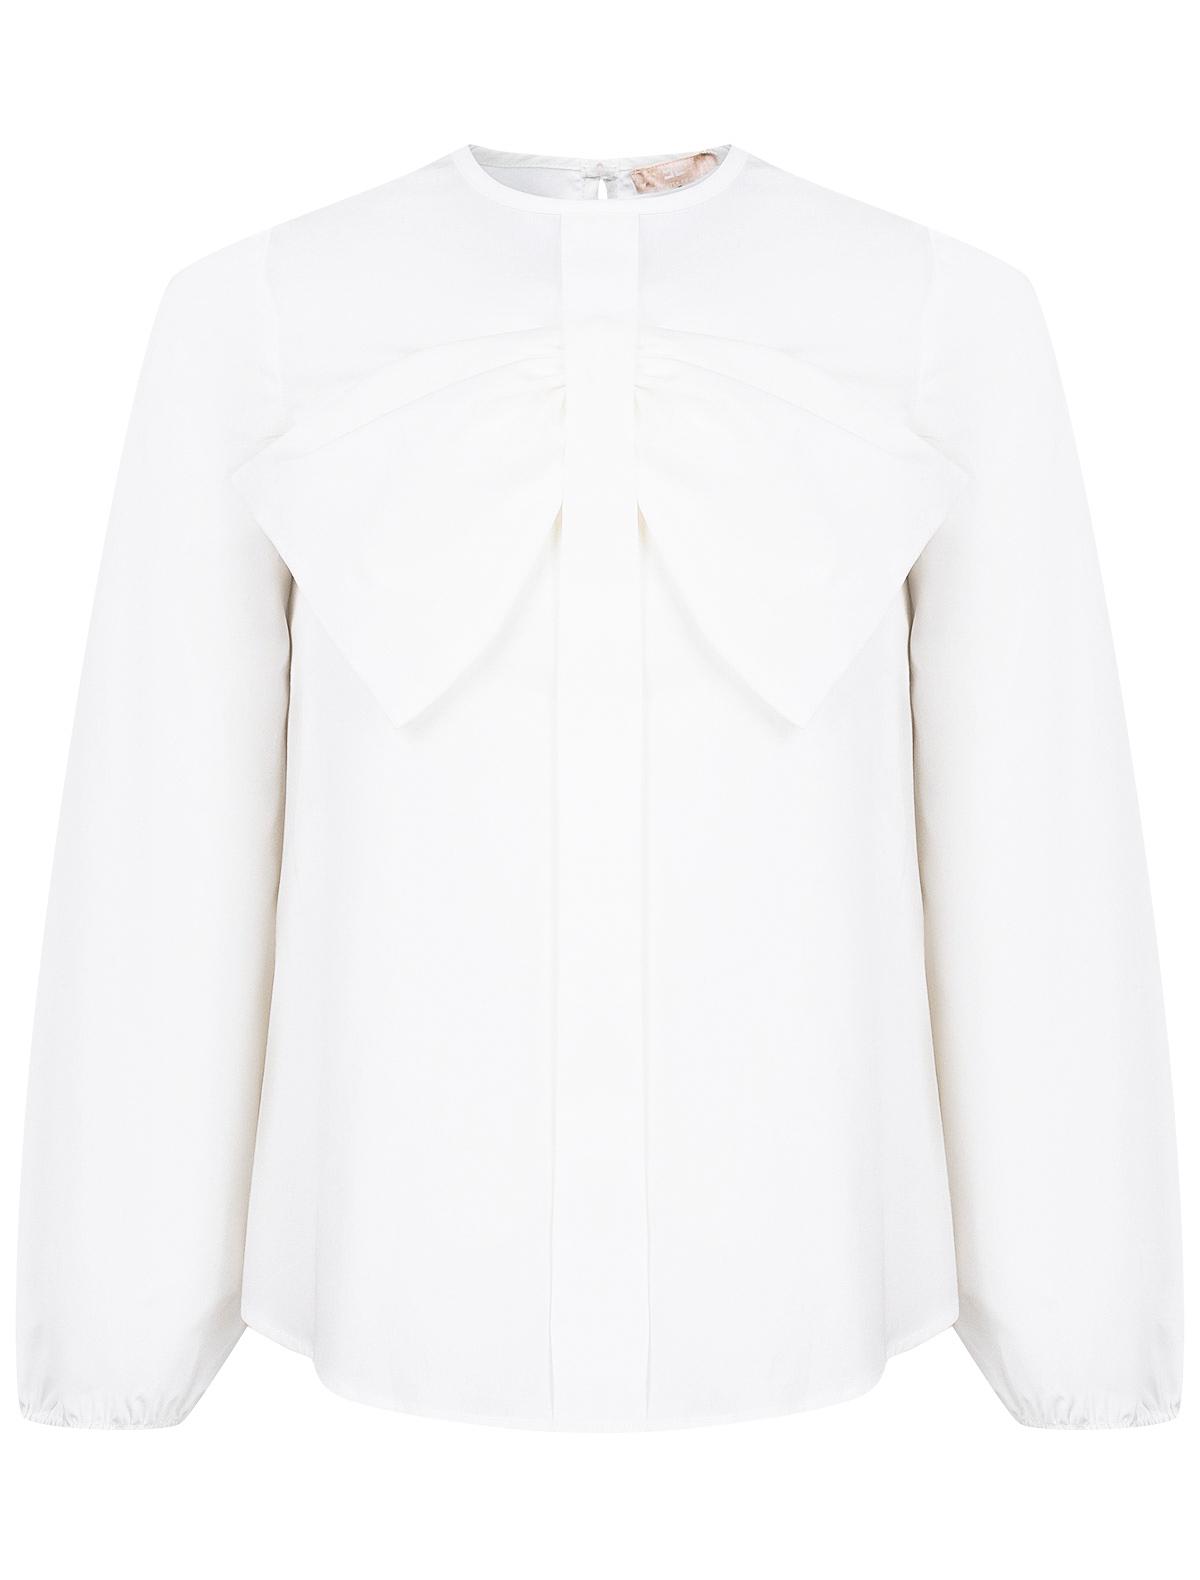 Купить 2139756, Блуза ELISABETTA FRANCHI, белый, Женский, 1031209980441